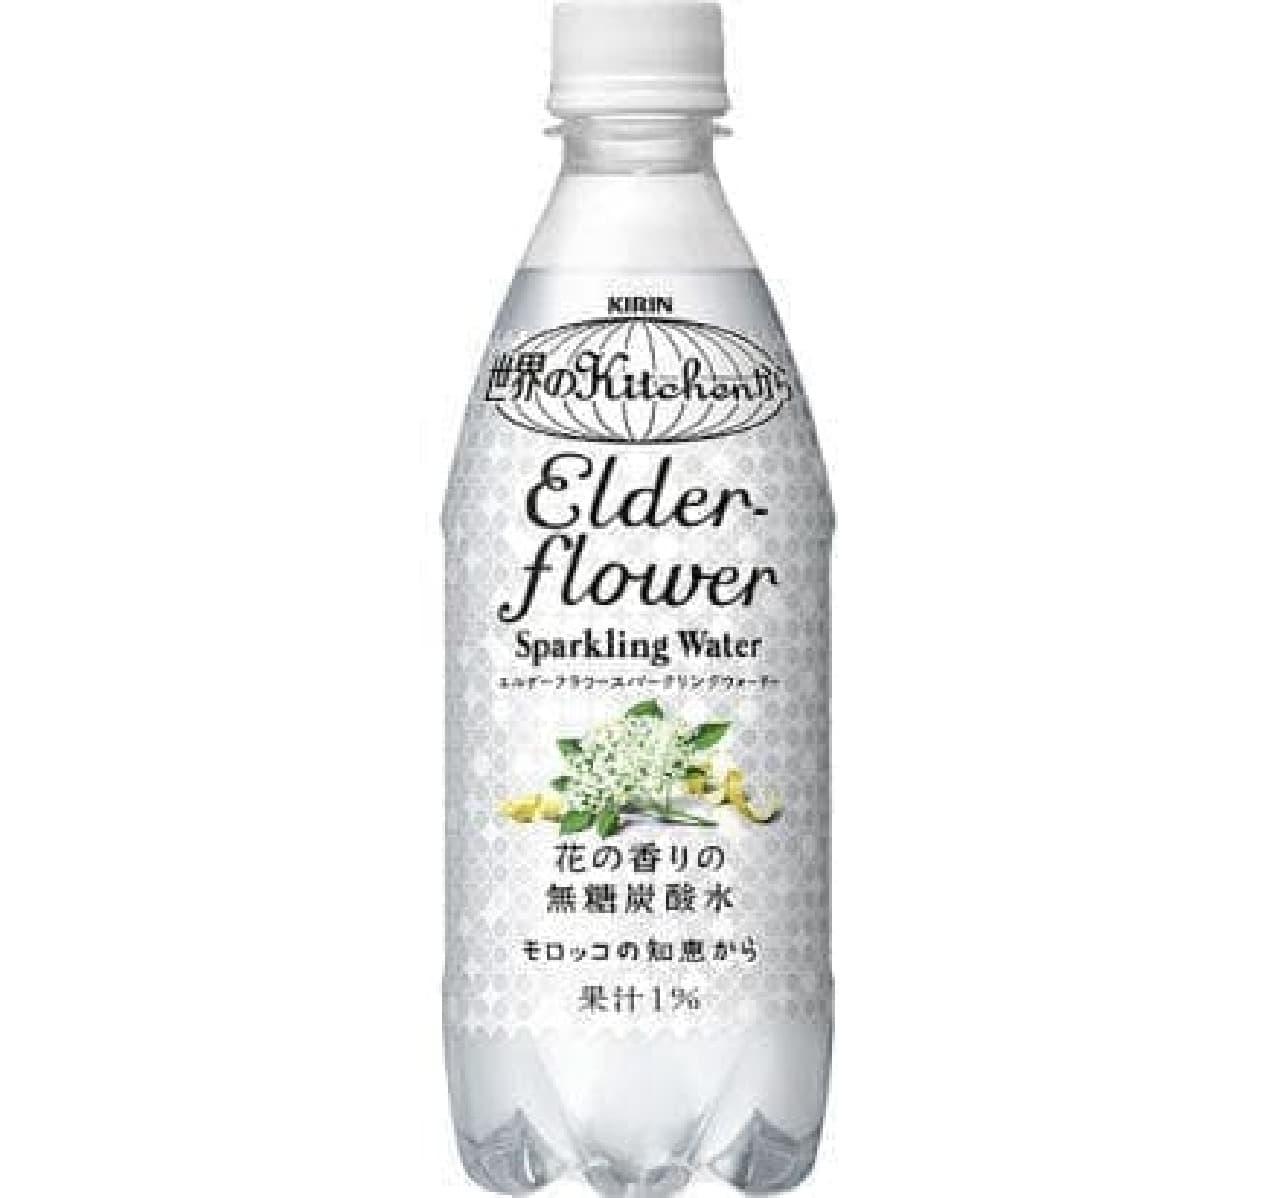 キリンビバレッジ「世界のKitchenから Elderflower Sparkling Water」